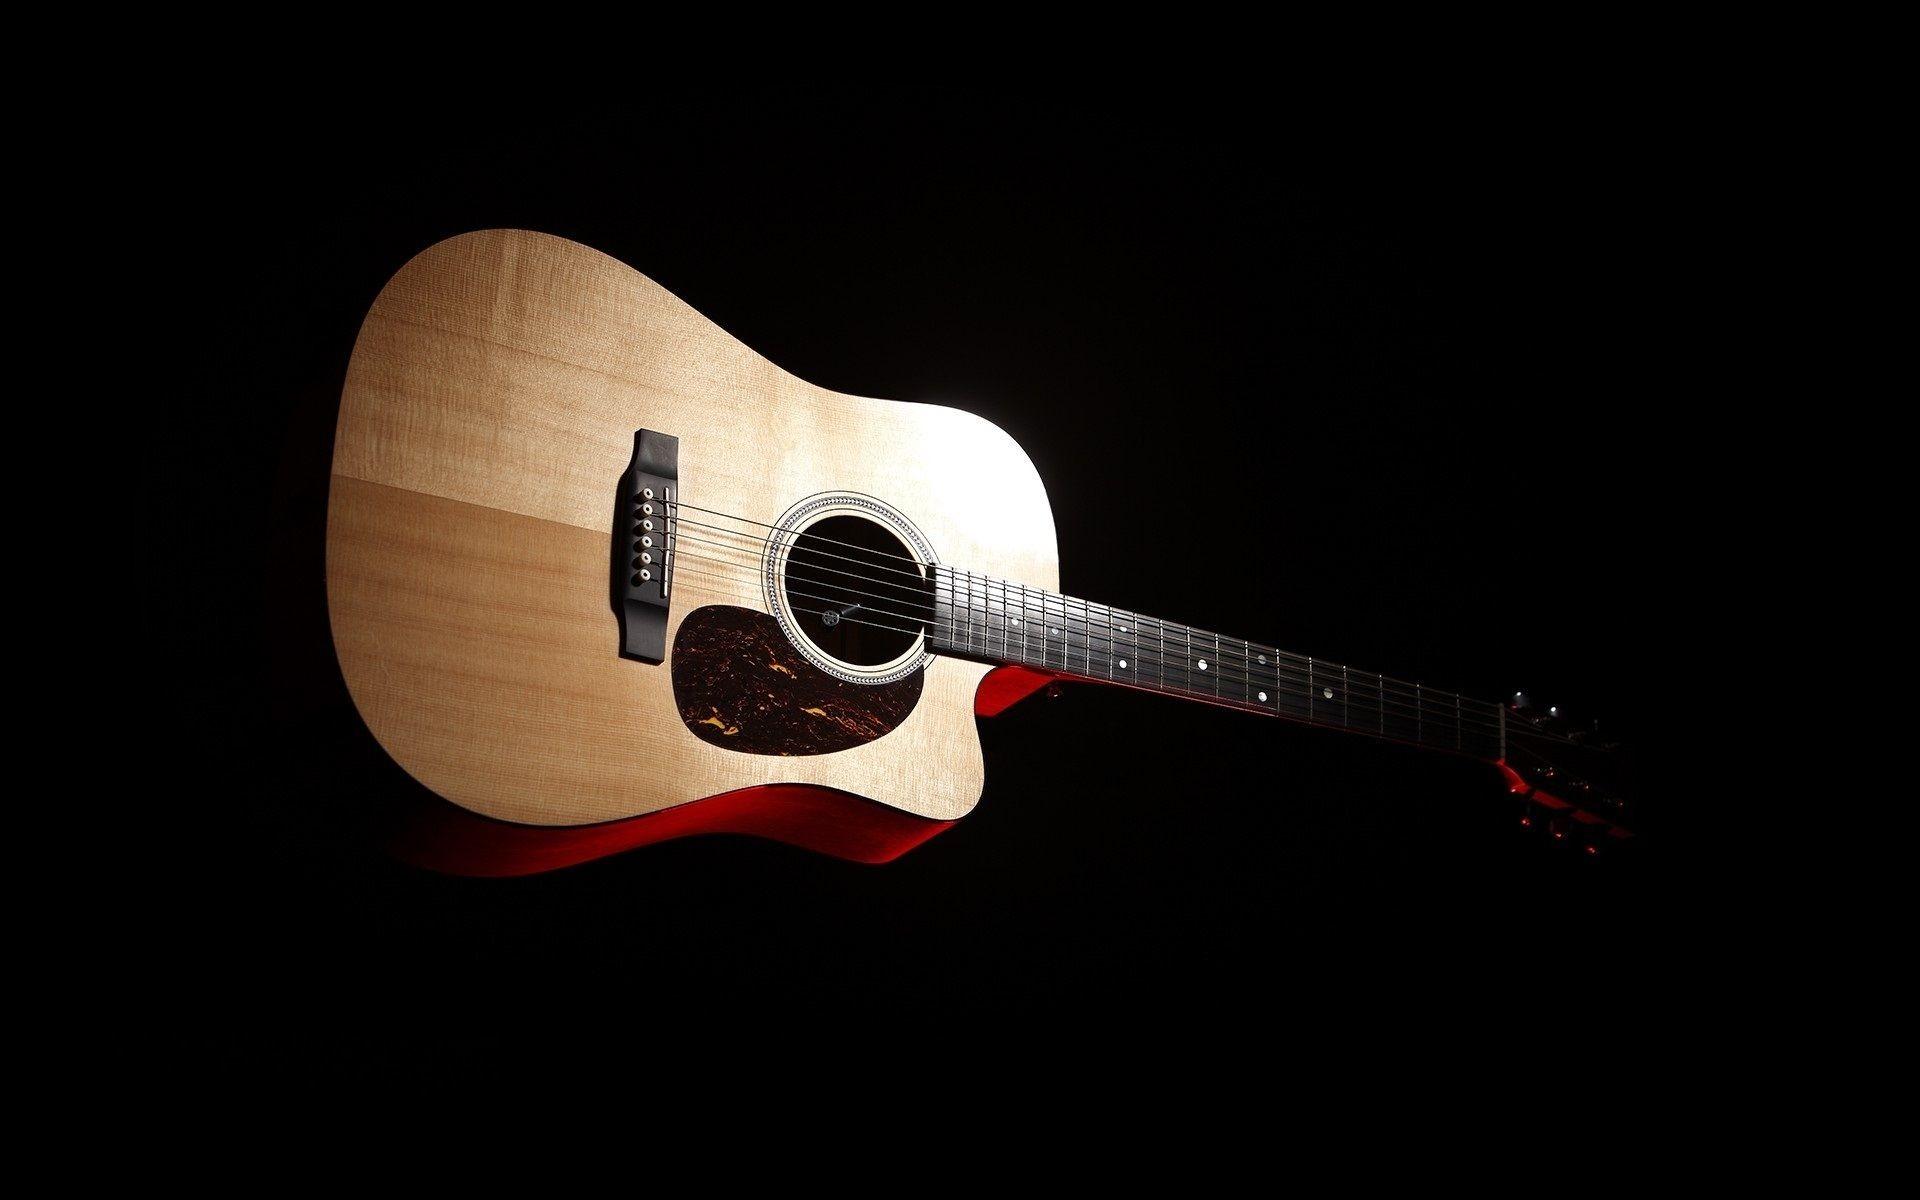 Guitar Black Background (48+ Images